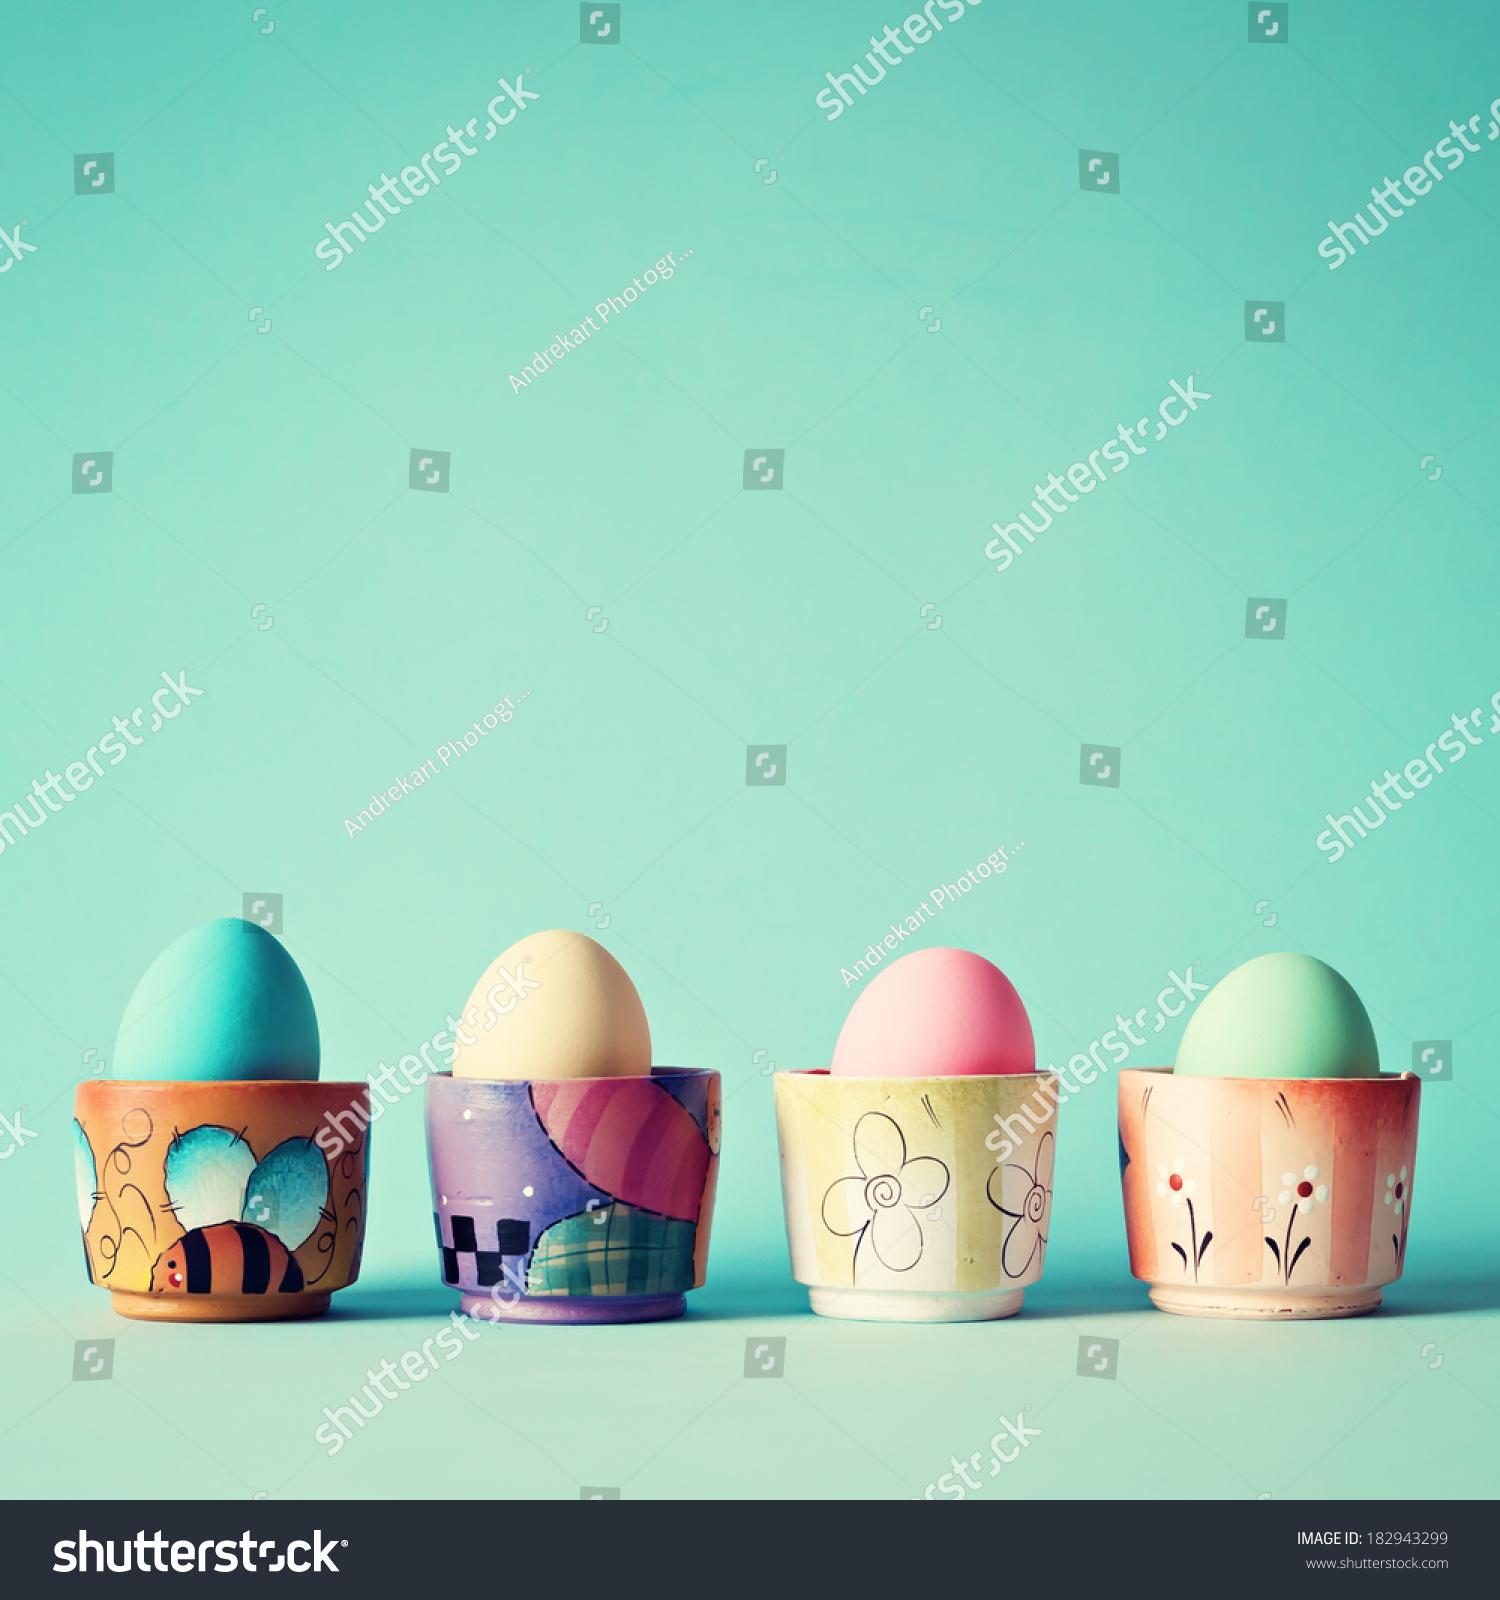 柔和的复活节彩蛋-背景/素材,复古风格-海洛创意()-合